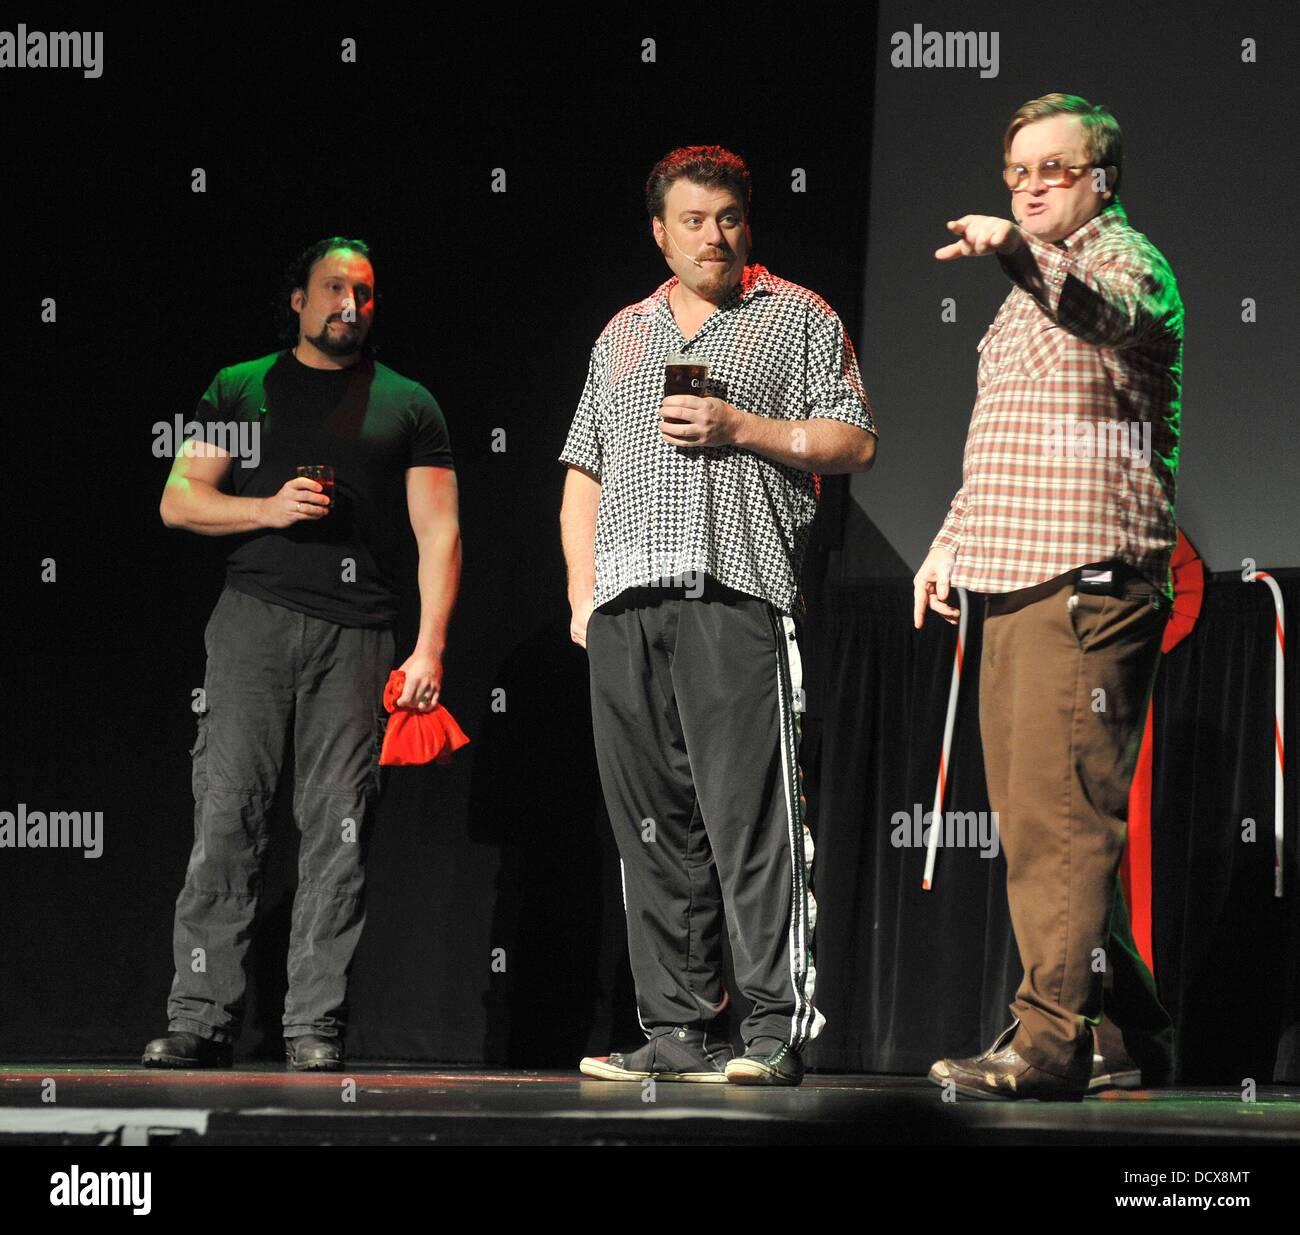 Trailer Park Boys Christmas.The Cast Of The Trailer Park Boys In Their Christmas Stage